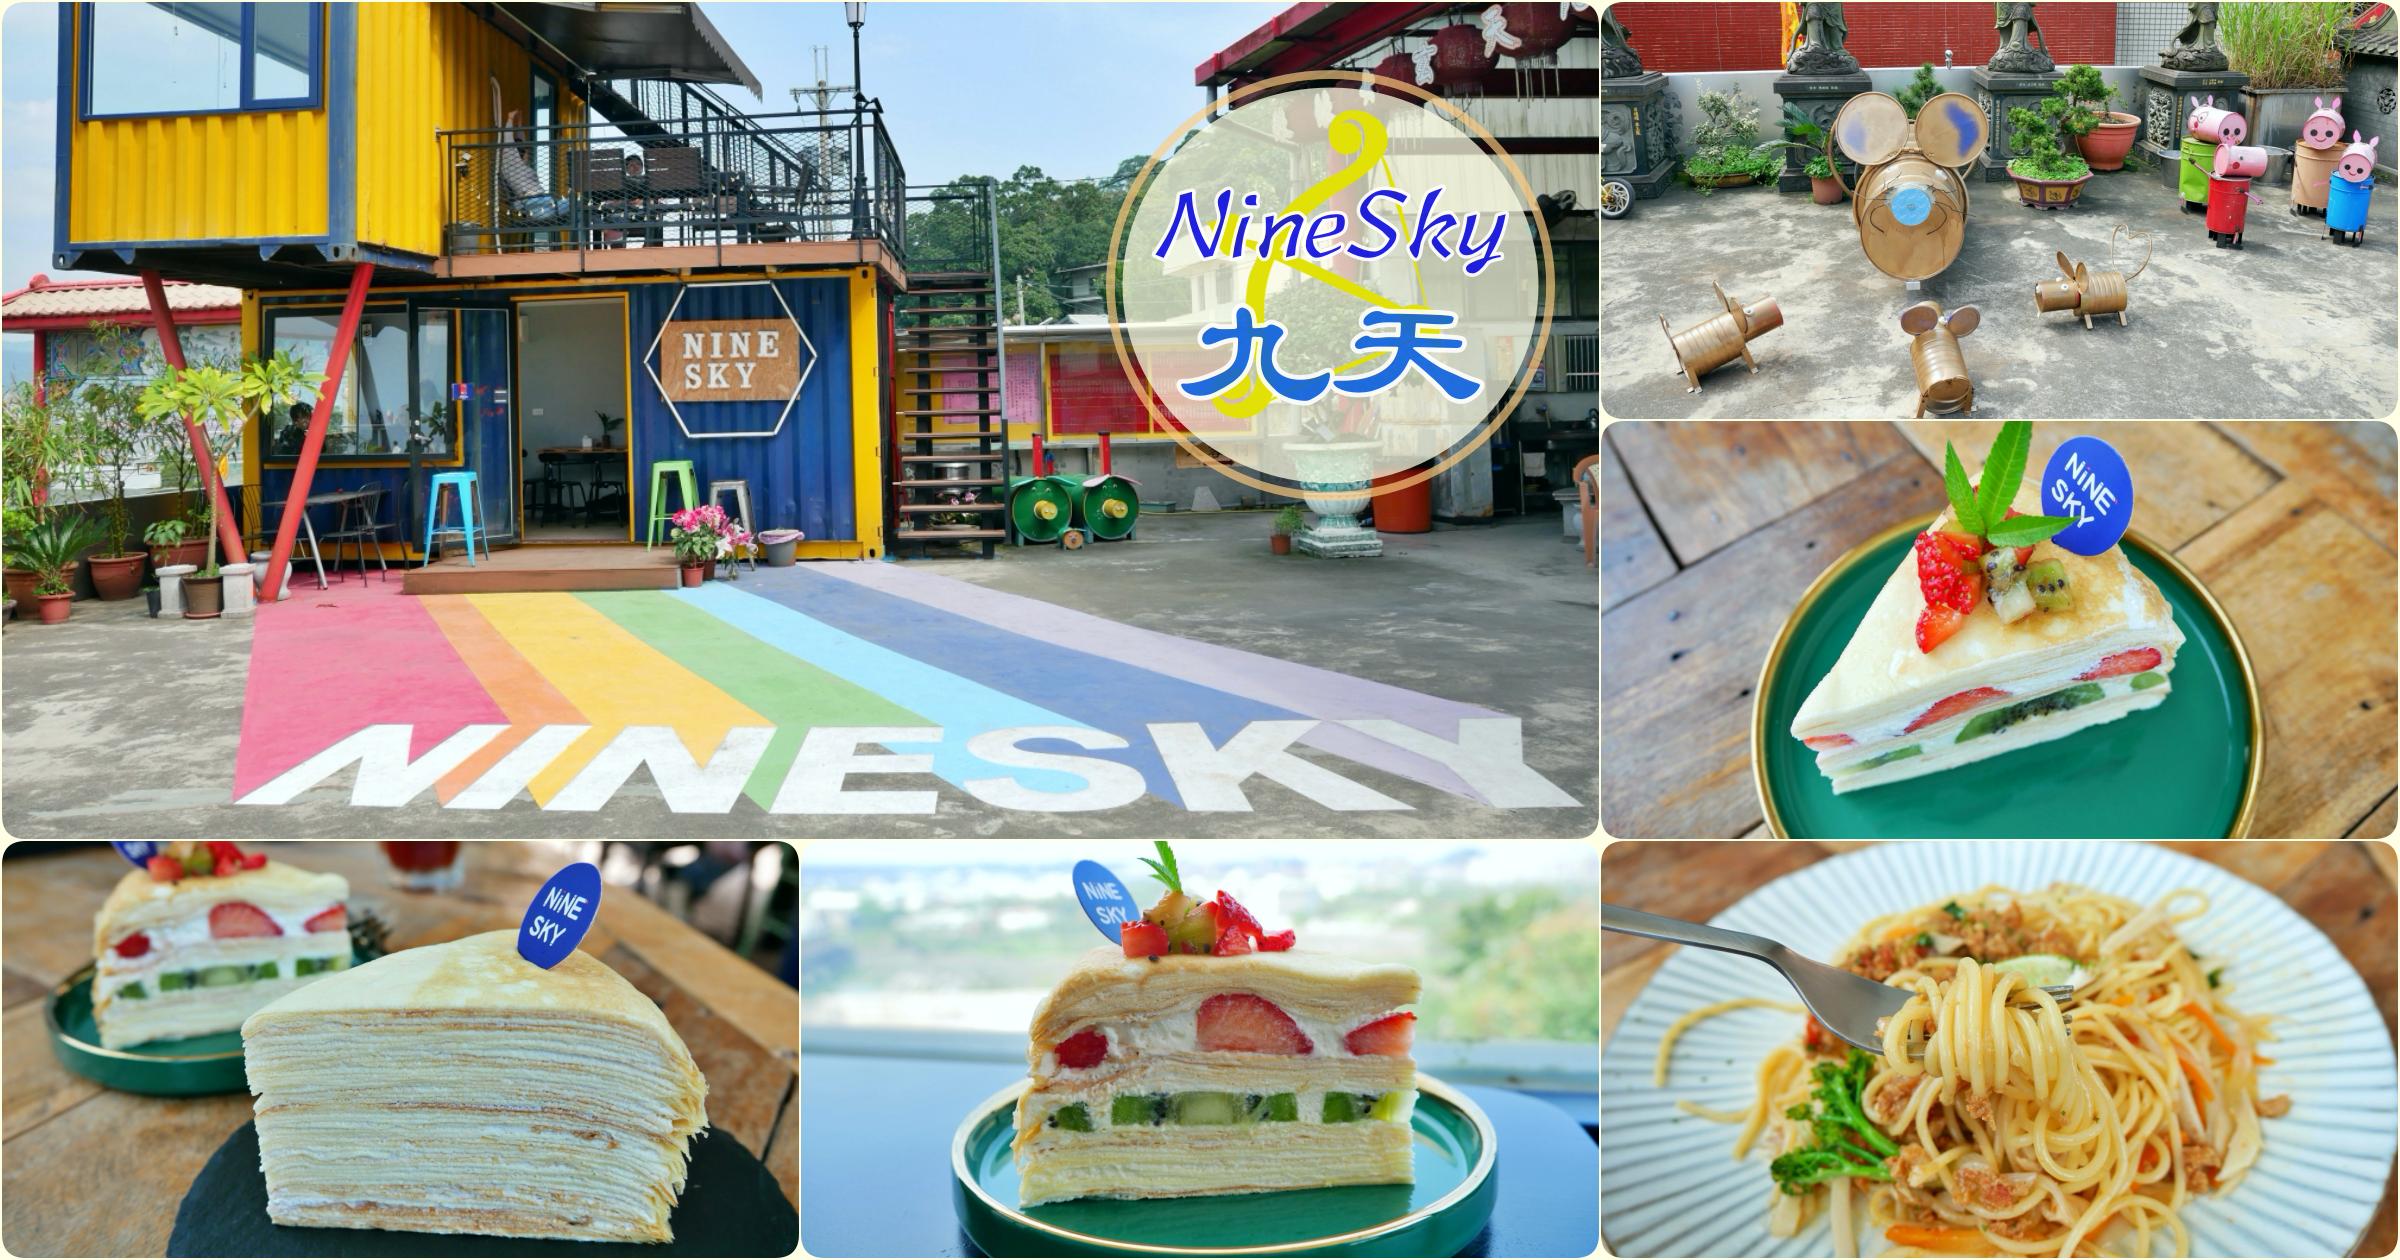 網站近期文章:[三峽美食]NineSky 九天|隱藏在山區貨櫃屋裡的餐廳~高達40層厚的千層蛋糕.限量版甜點